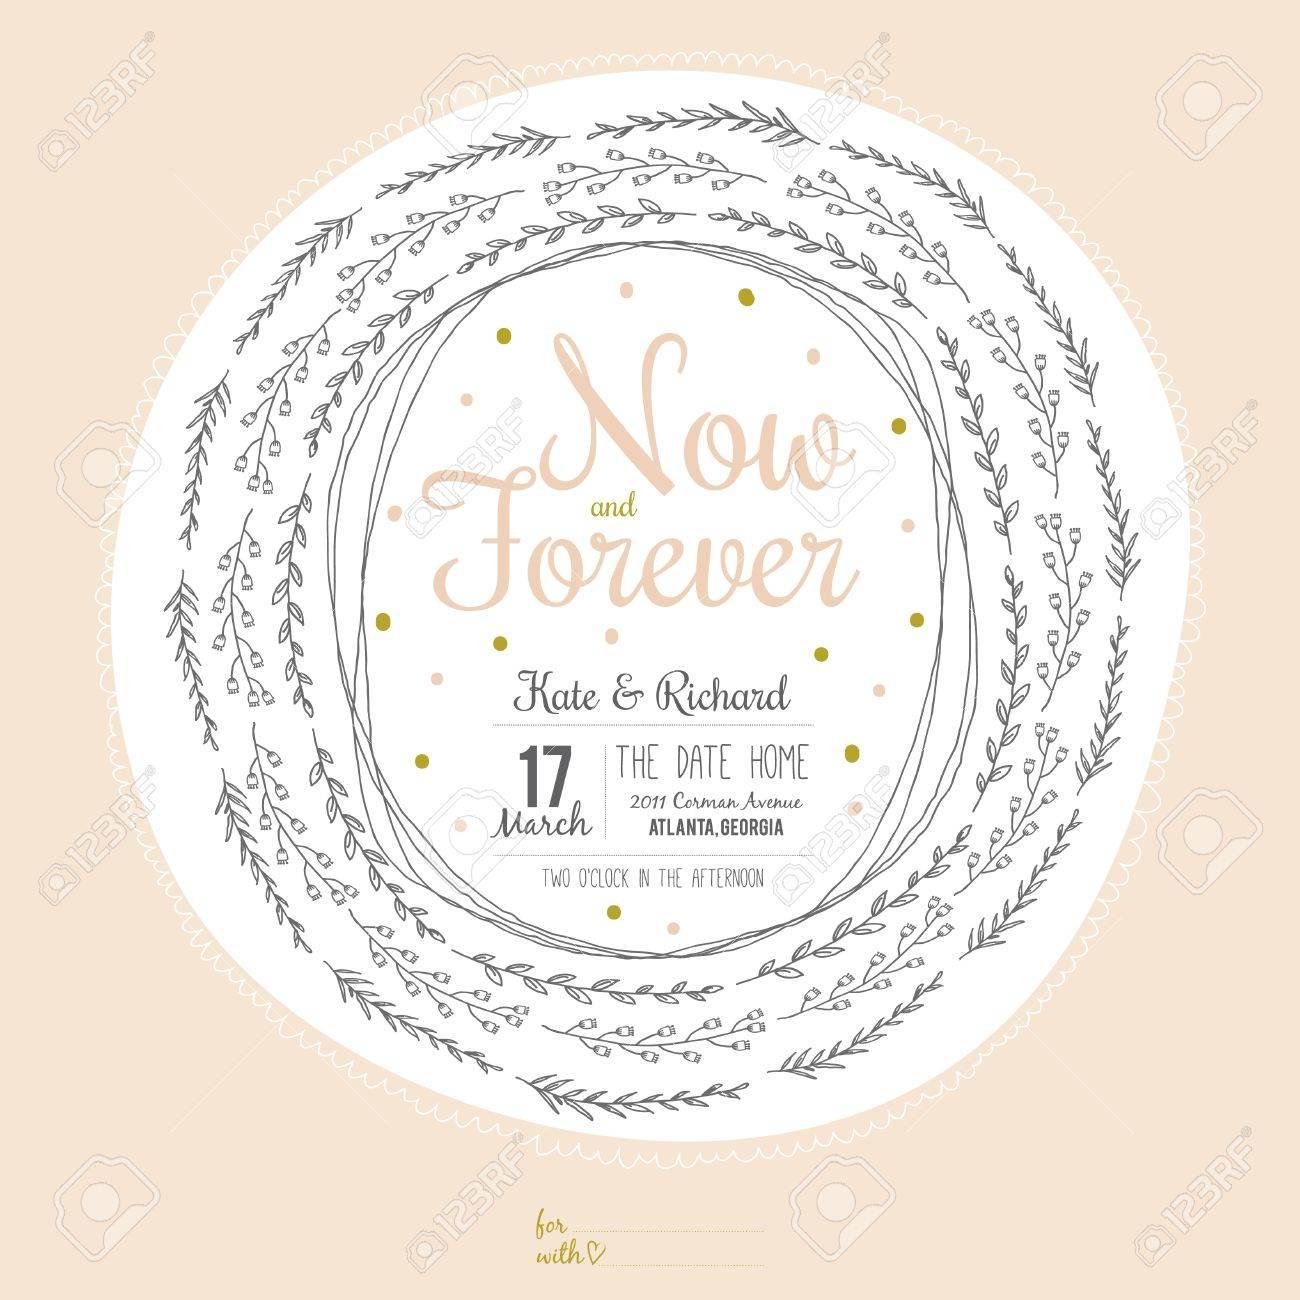 Inspirado Amor Romántico Y Reserva La Tarjeta De Invitación De La Fecha En Colores Pastel Modelo Con Estilo De La Boda El Matrimonio Invitaciones